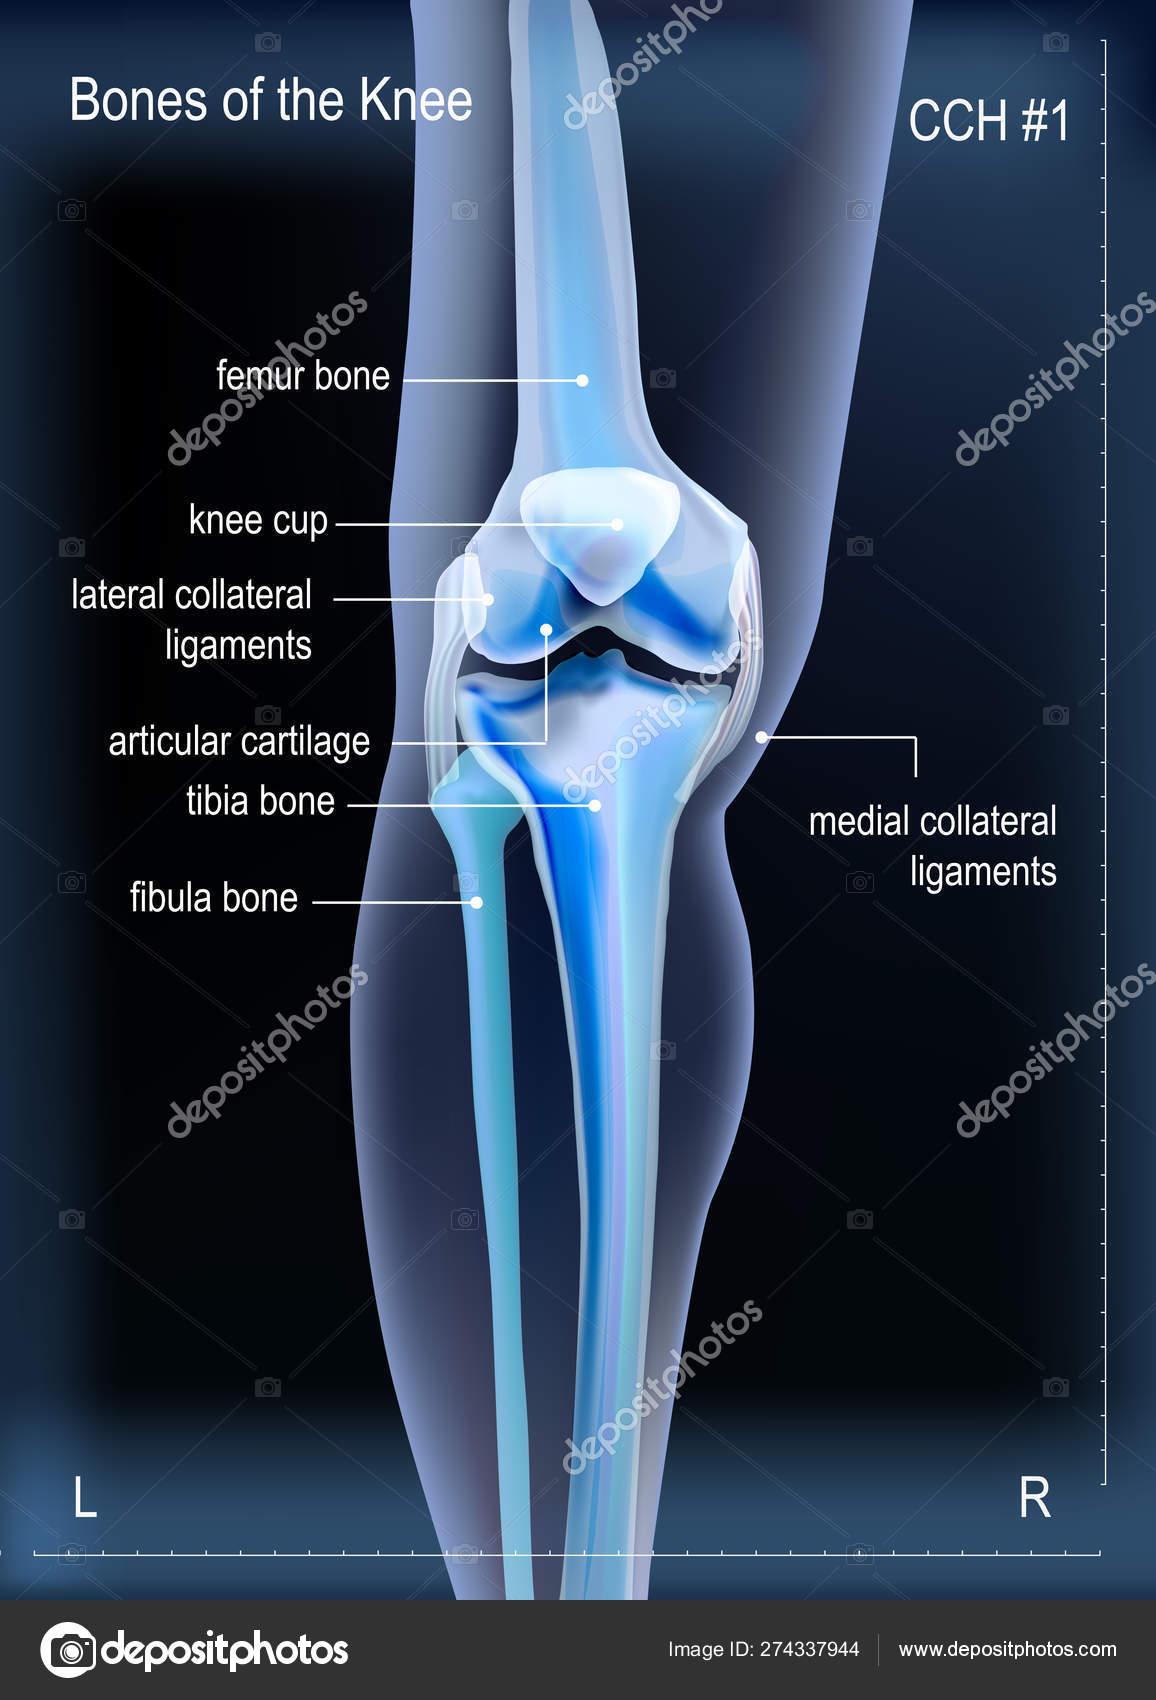 térd kenőcső osteoarthrosis a kézízületek betegségeinek felsorolása